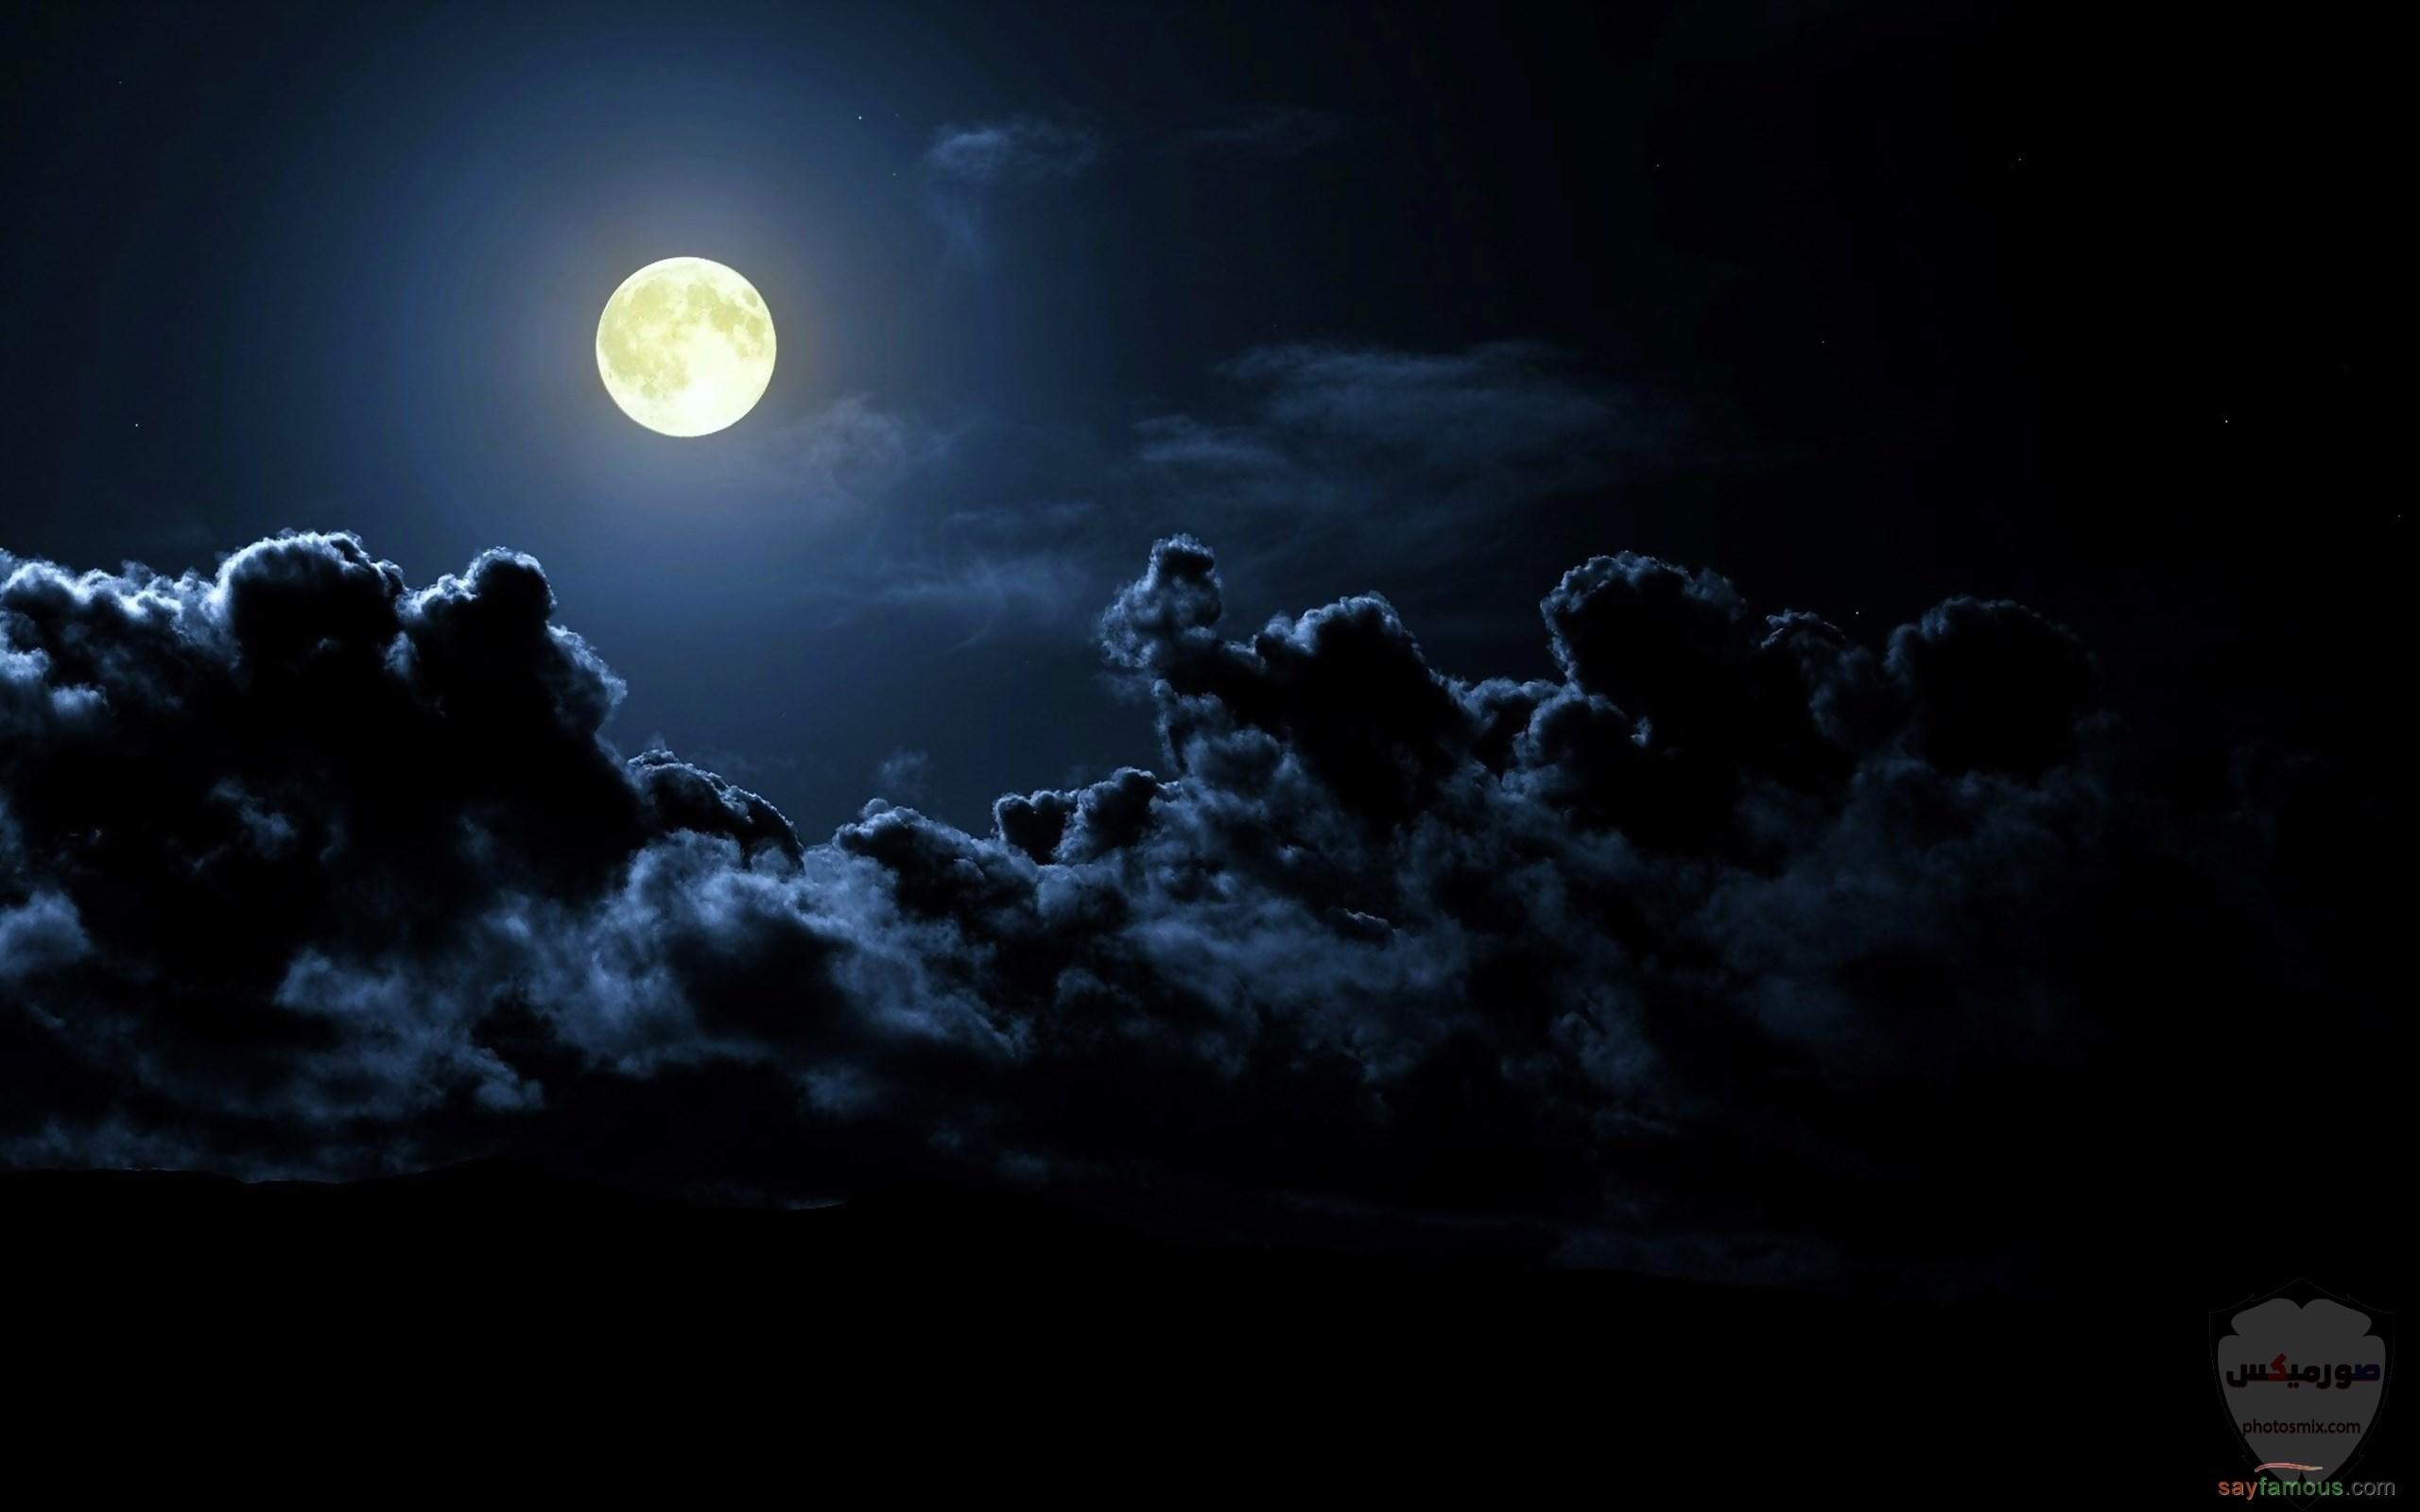 صور القمر والسماء والنجوم خلفيات للقمر والبدر والهلال عالية الجودة 13